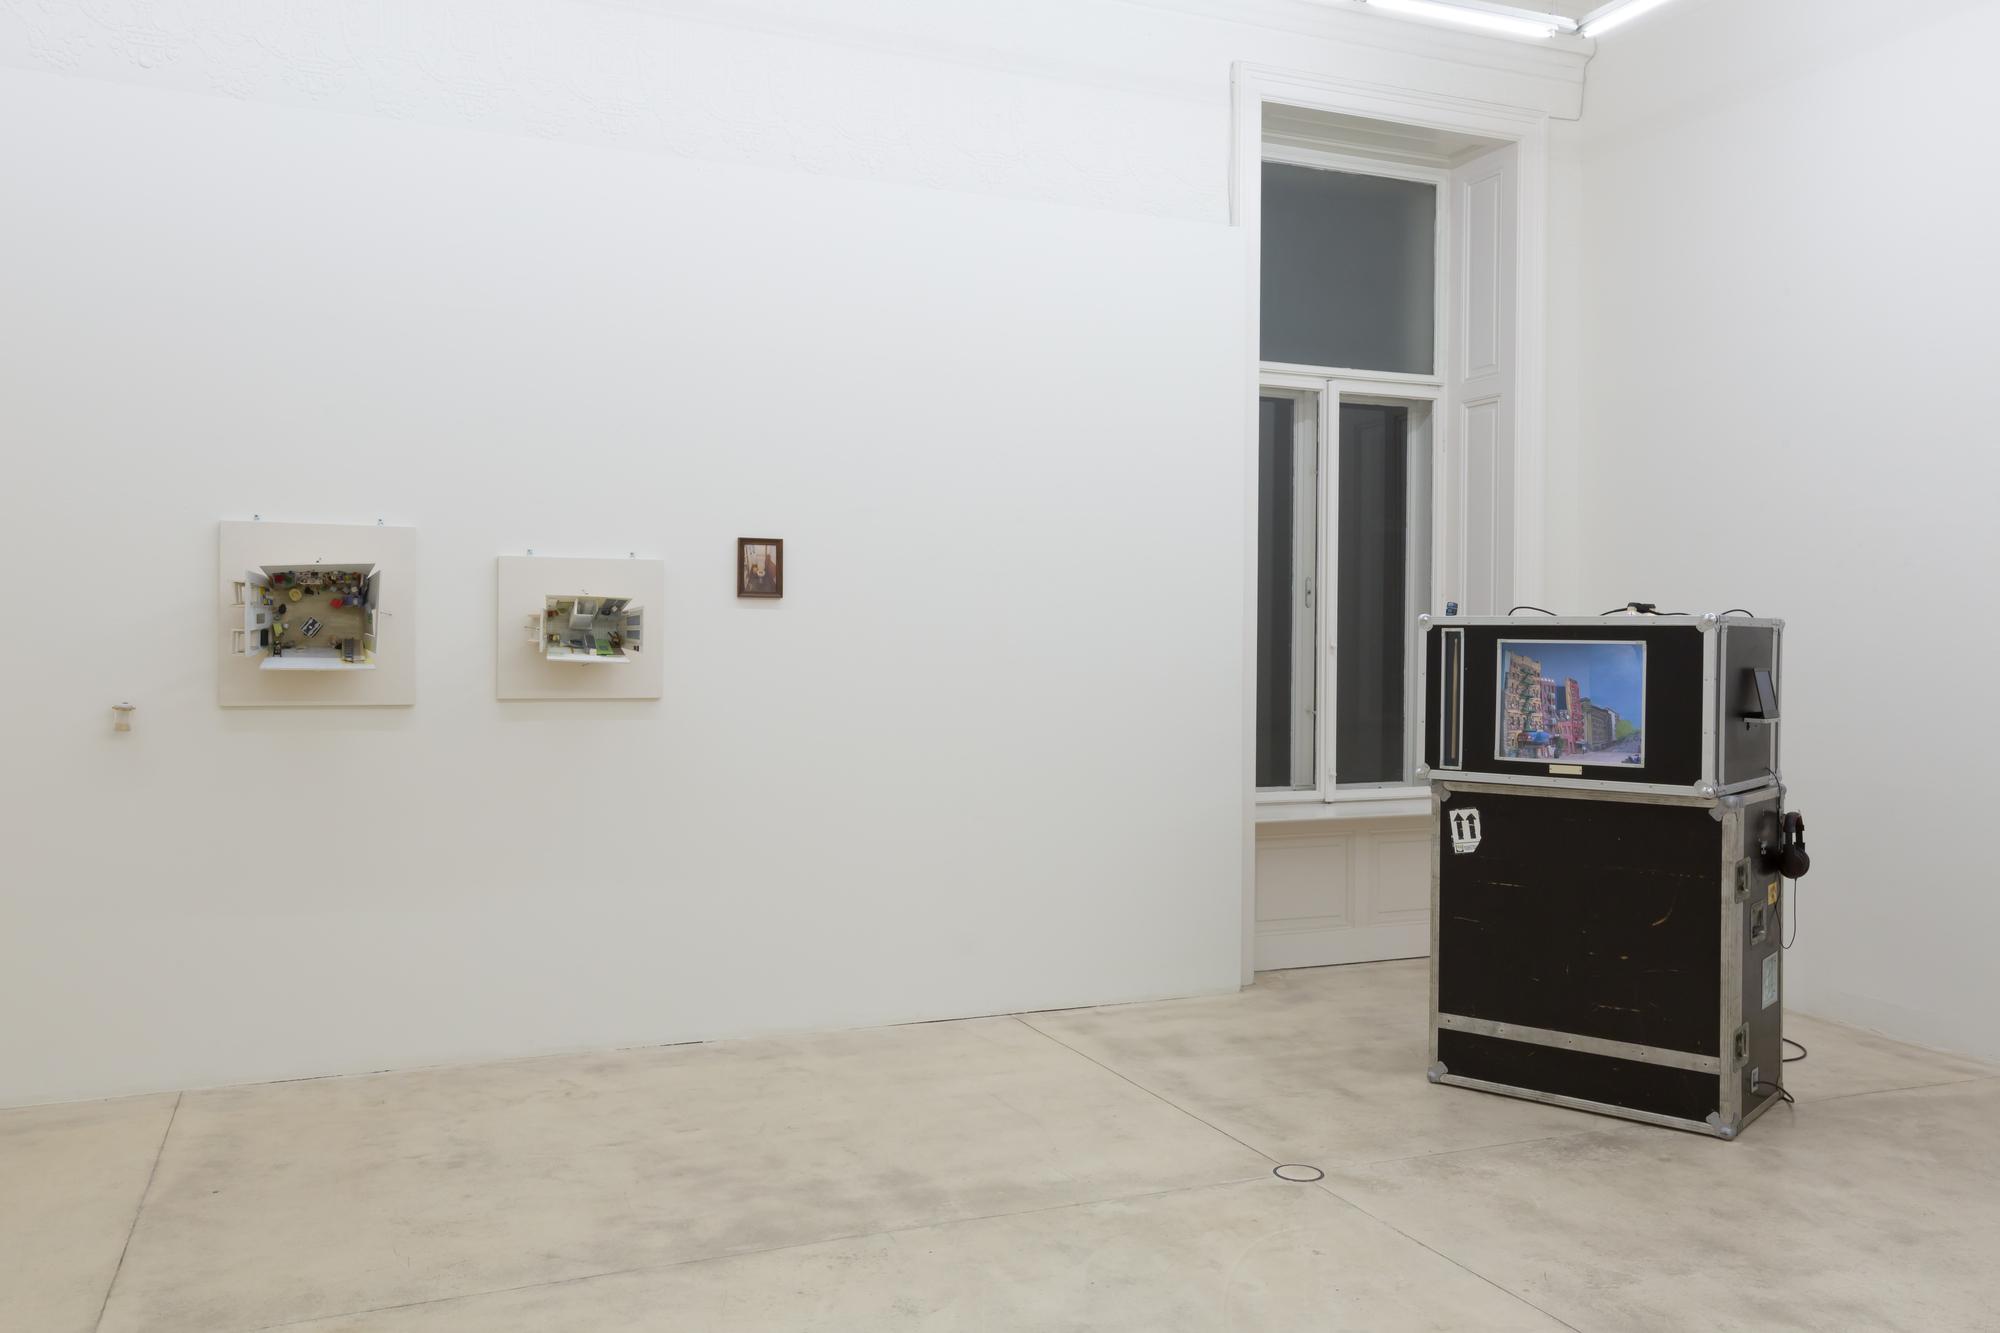 Kunst von Linus Riepler in der Ausstellung 2017.